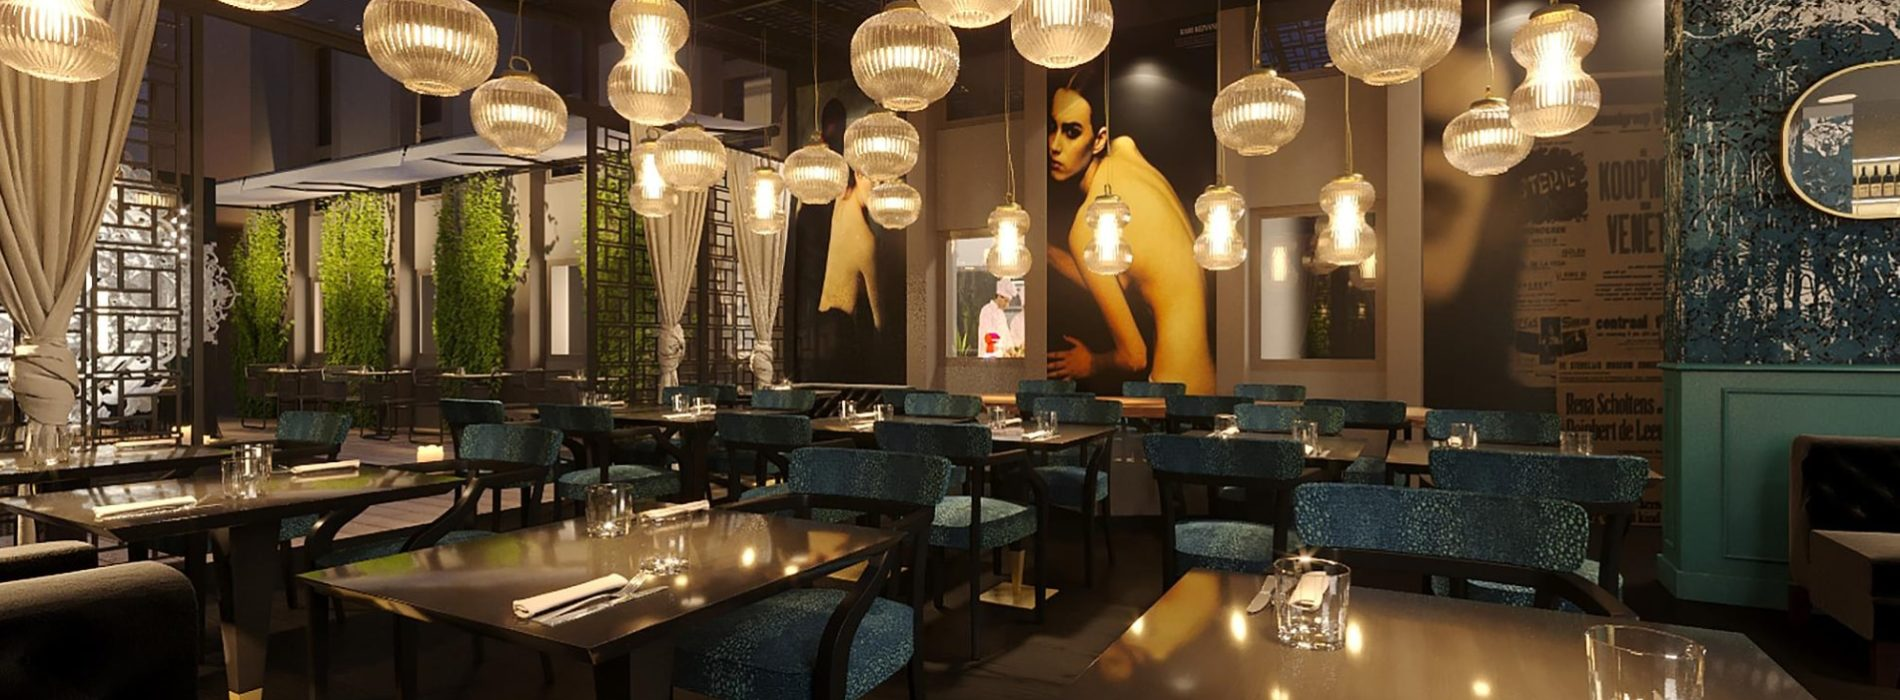 Kowa Milano, arriva il ristorante panasiatico che parla londinese